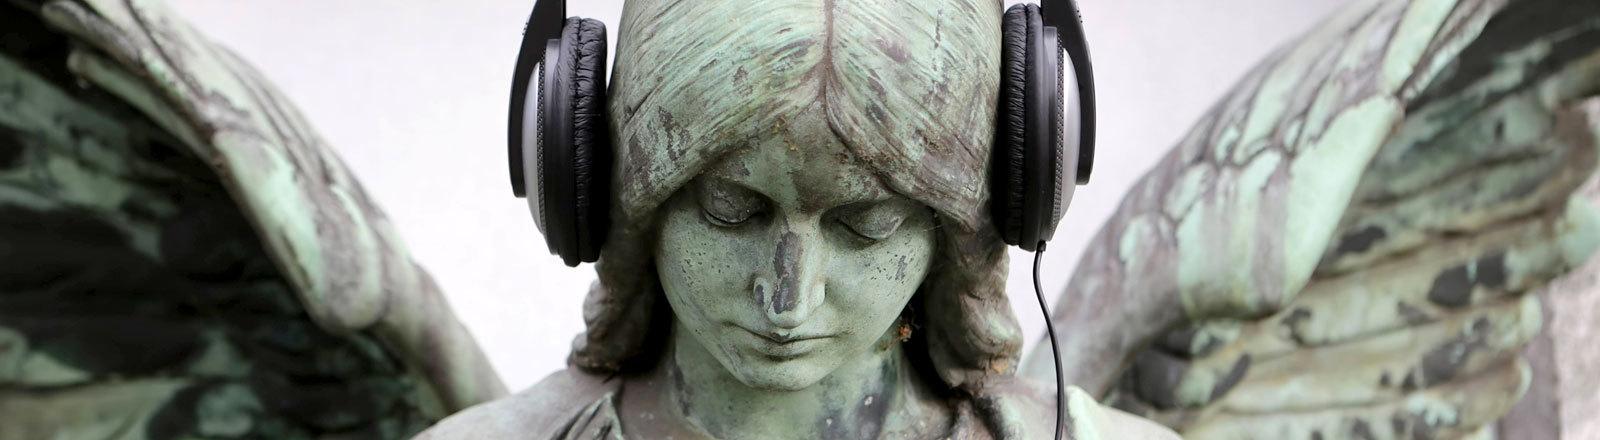 Engel auf dem Friedhof mit Kopfhörern